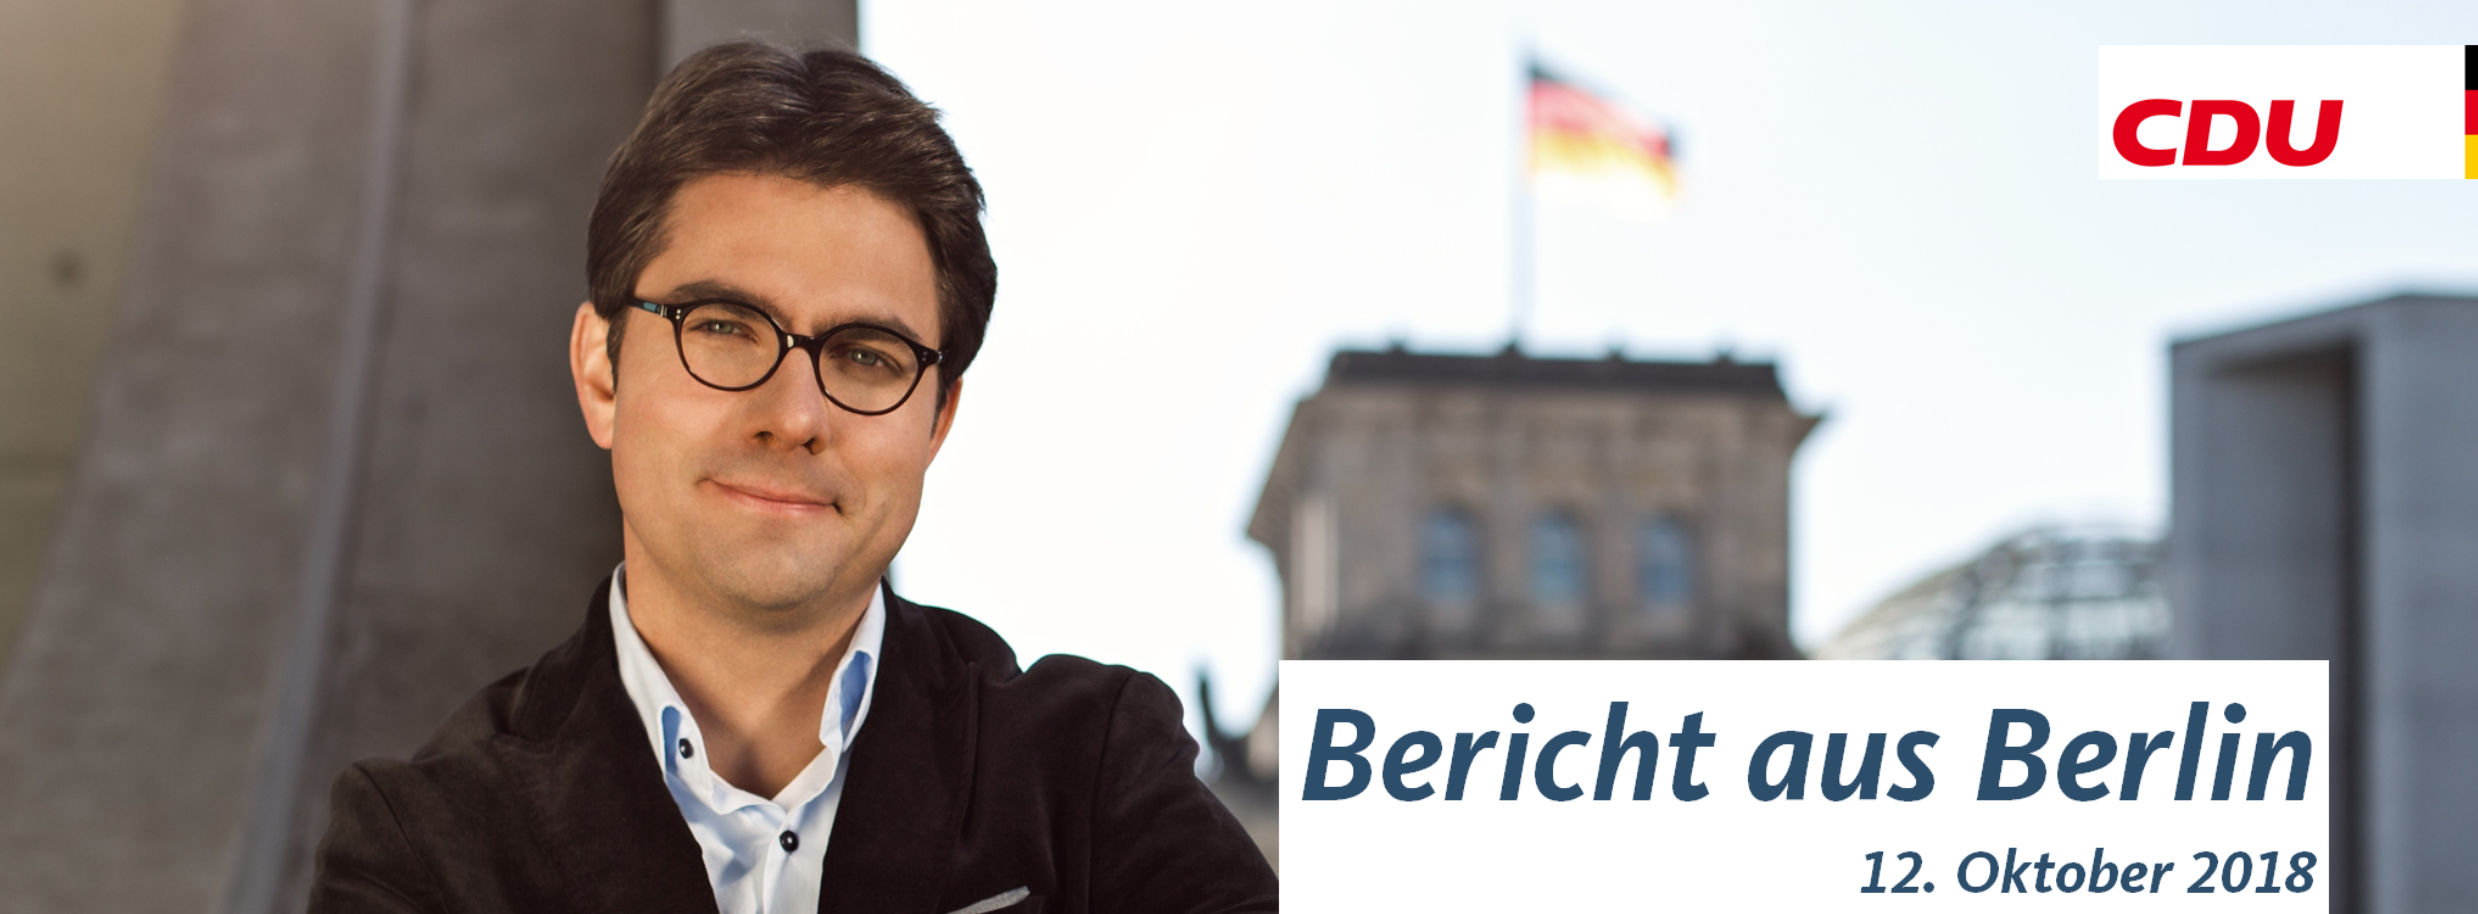 Bericht aus Berlin vom 12. Oktober 2018